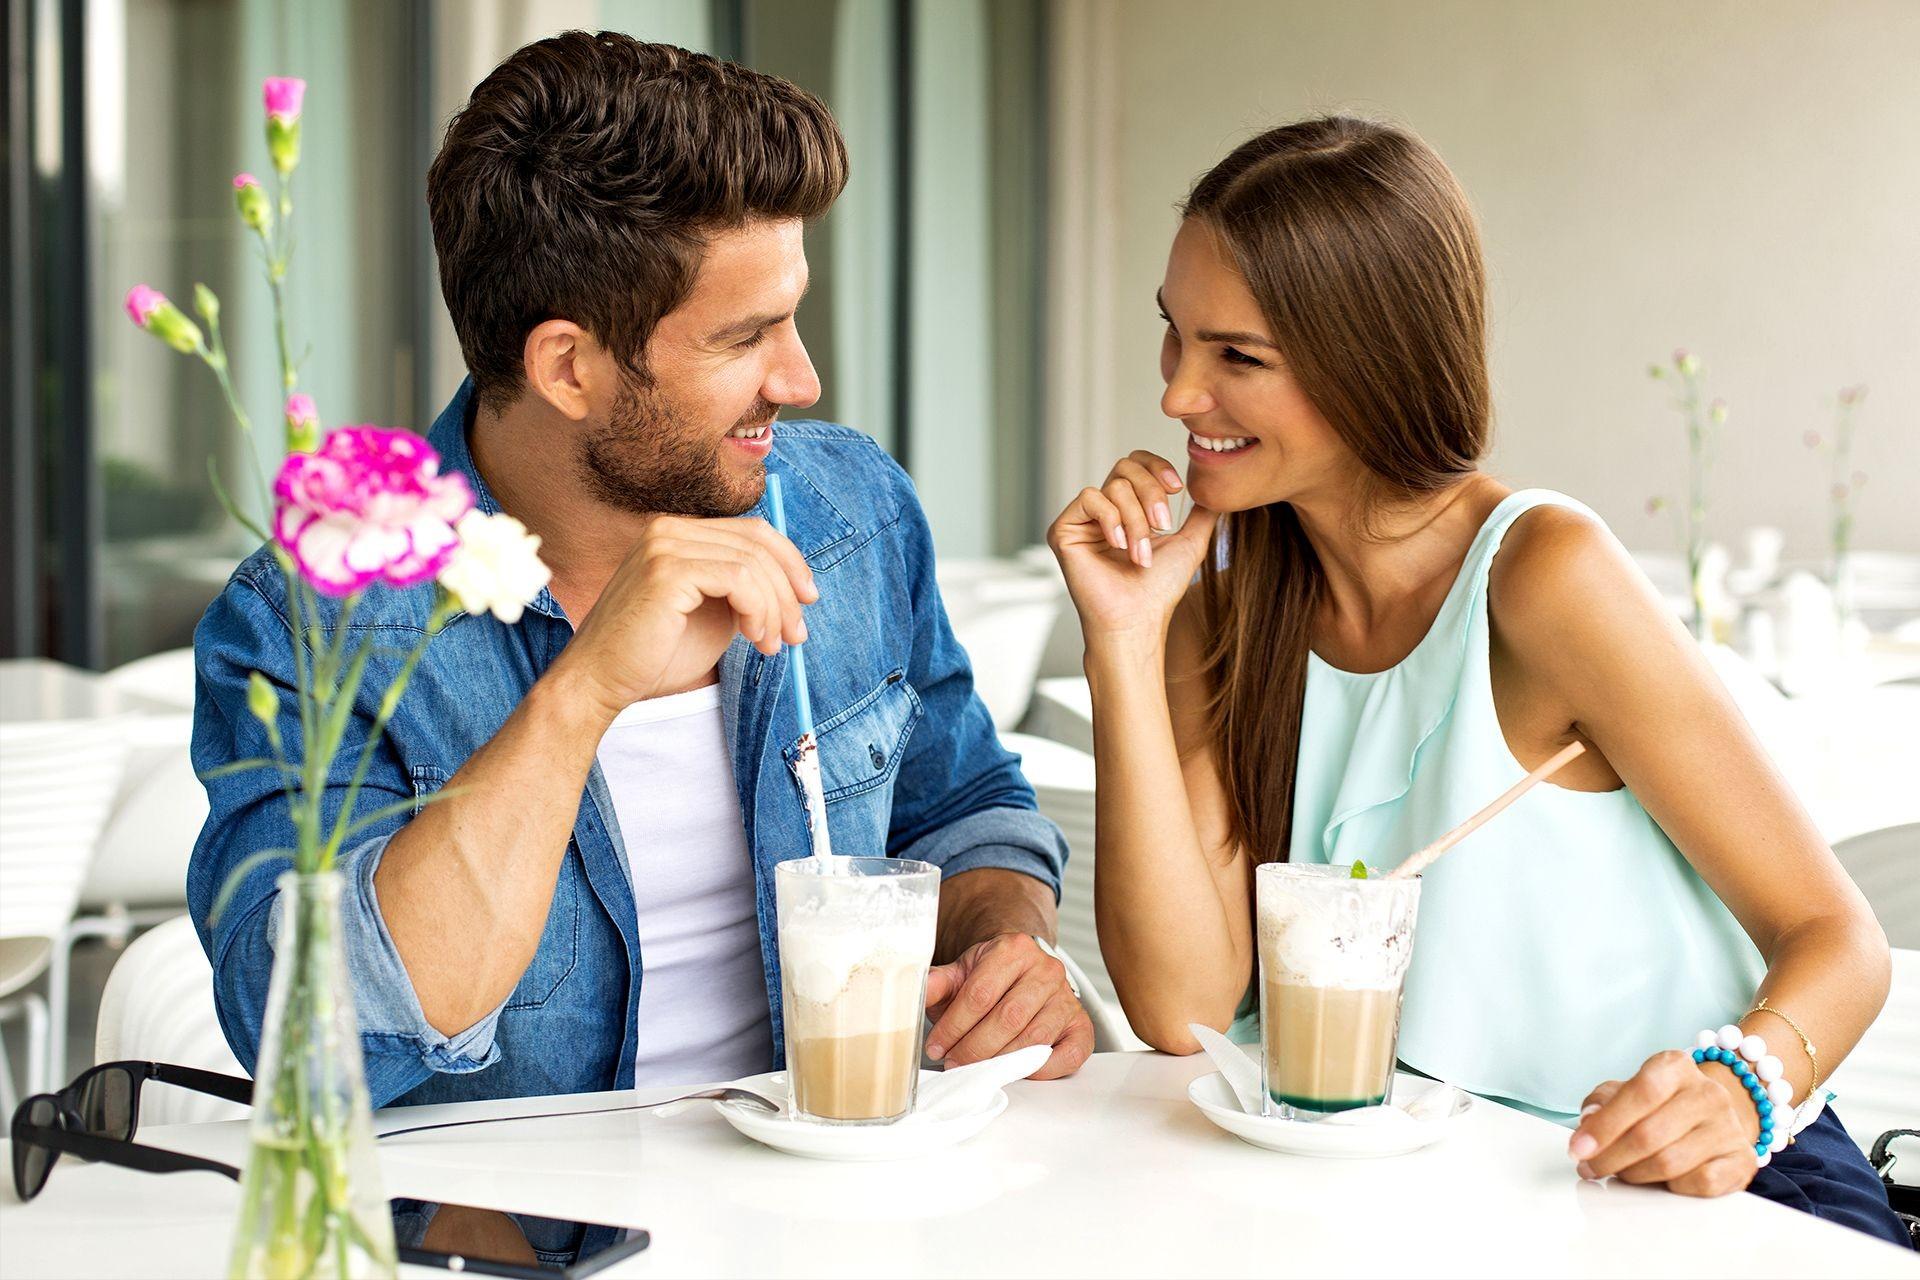 Серьезные знакомства для брака и семьи: когда пора замуж?